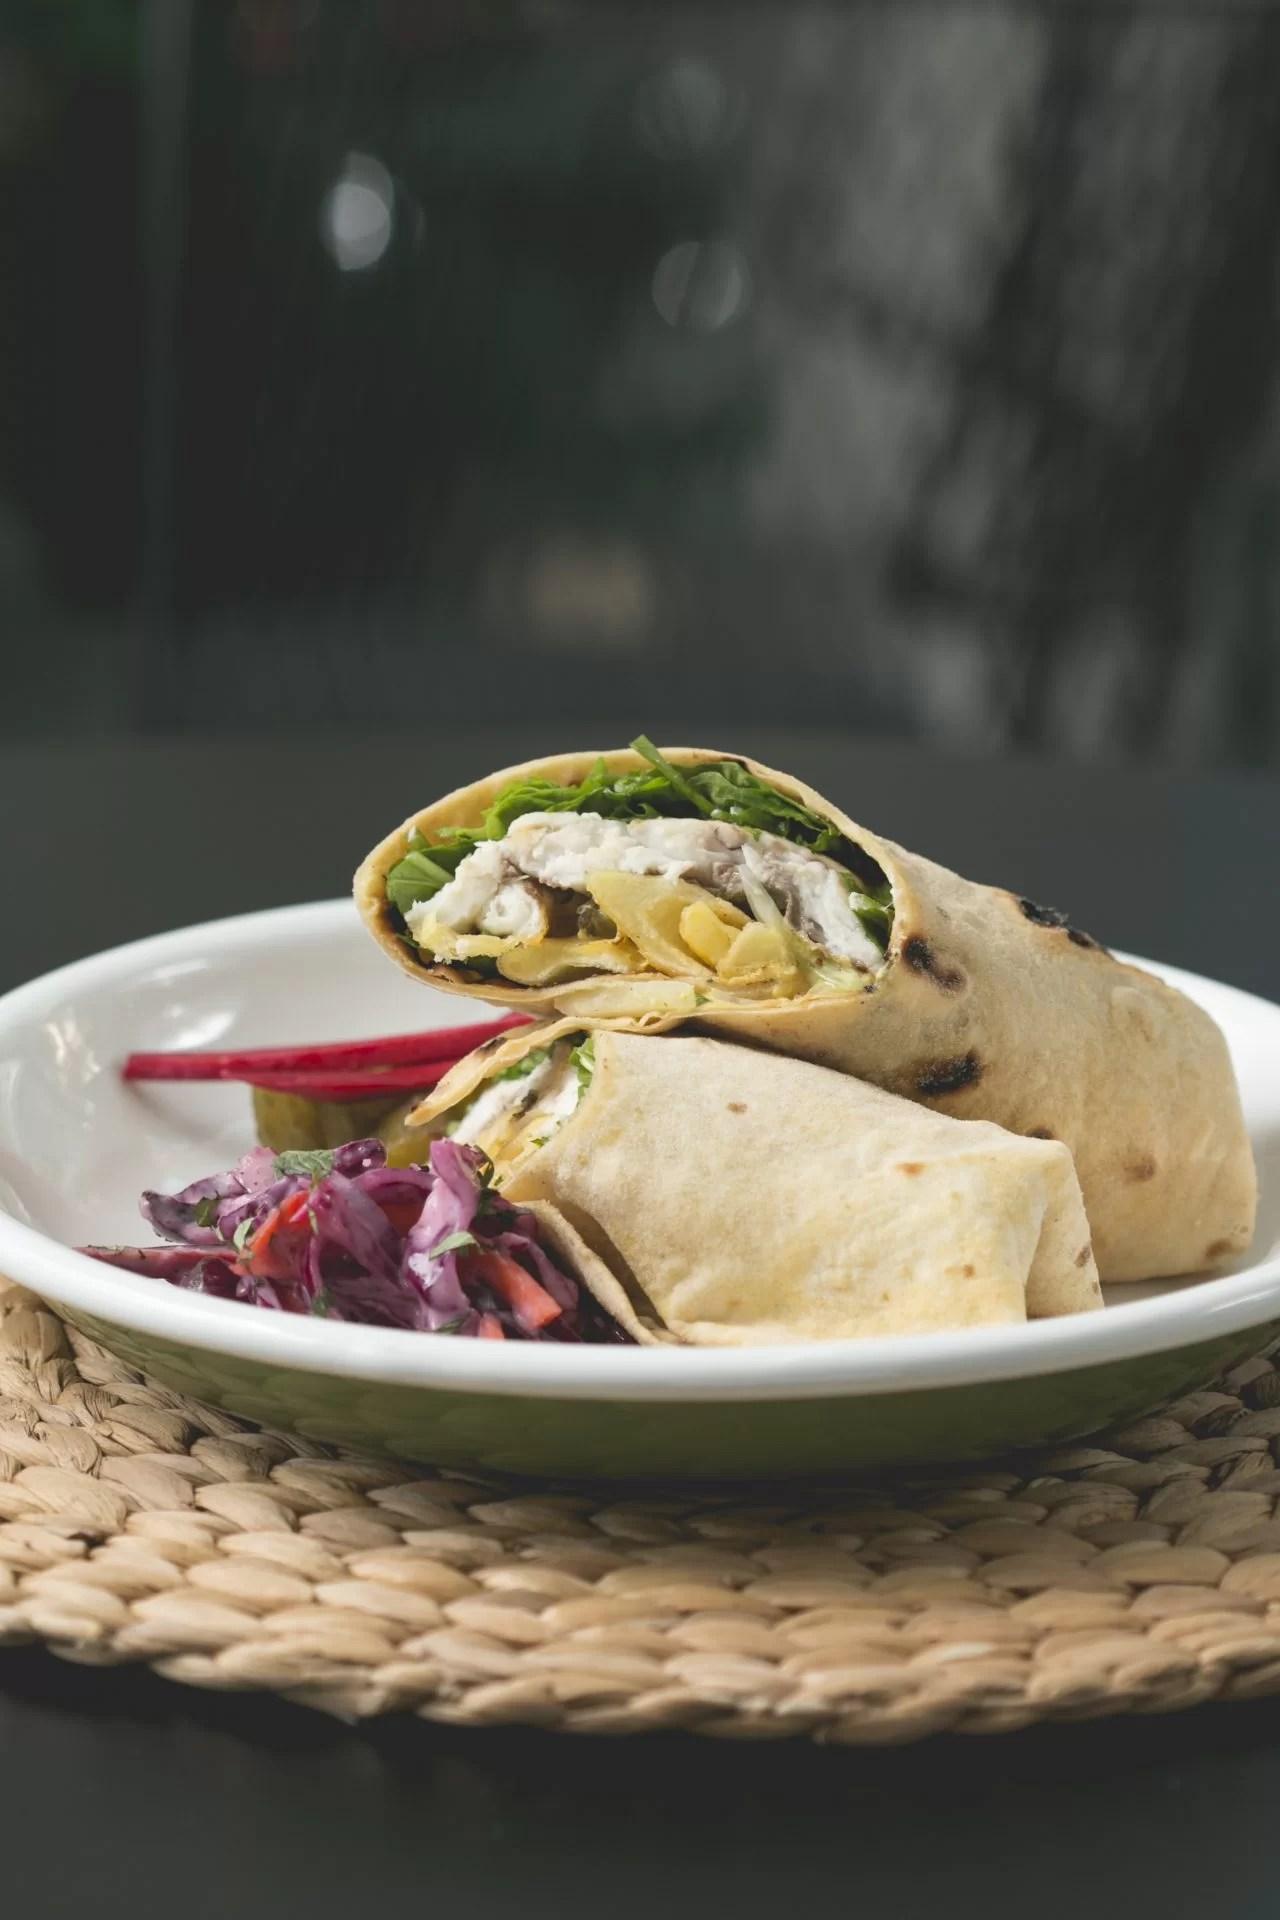 Zencefilli Levrek burrito, kırmızı lahana, turşu ve biber servisi.